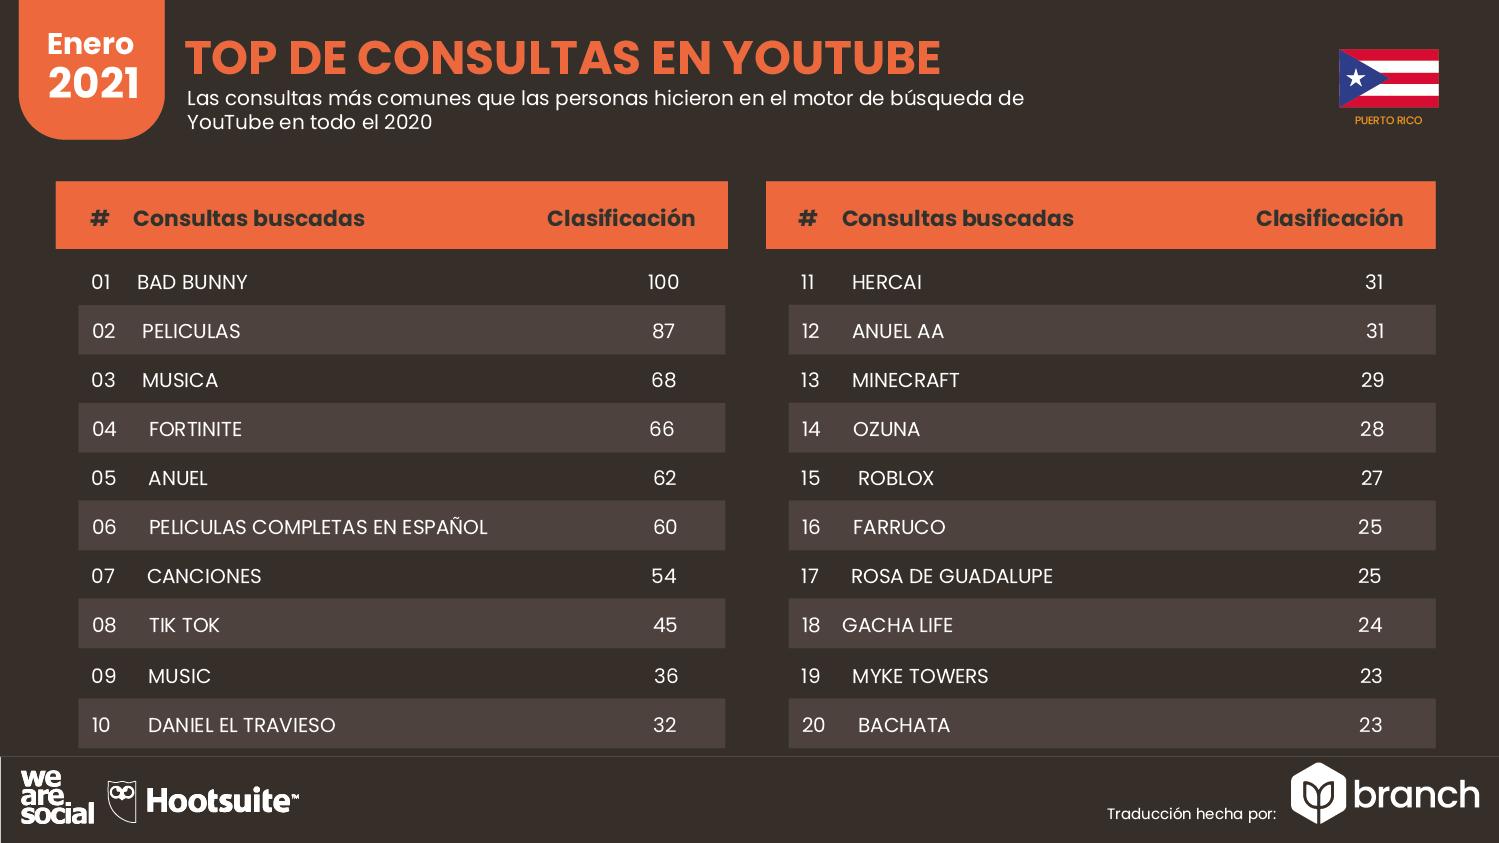 top-de-consultas-en-youtube-puerto-rico-2021